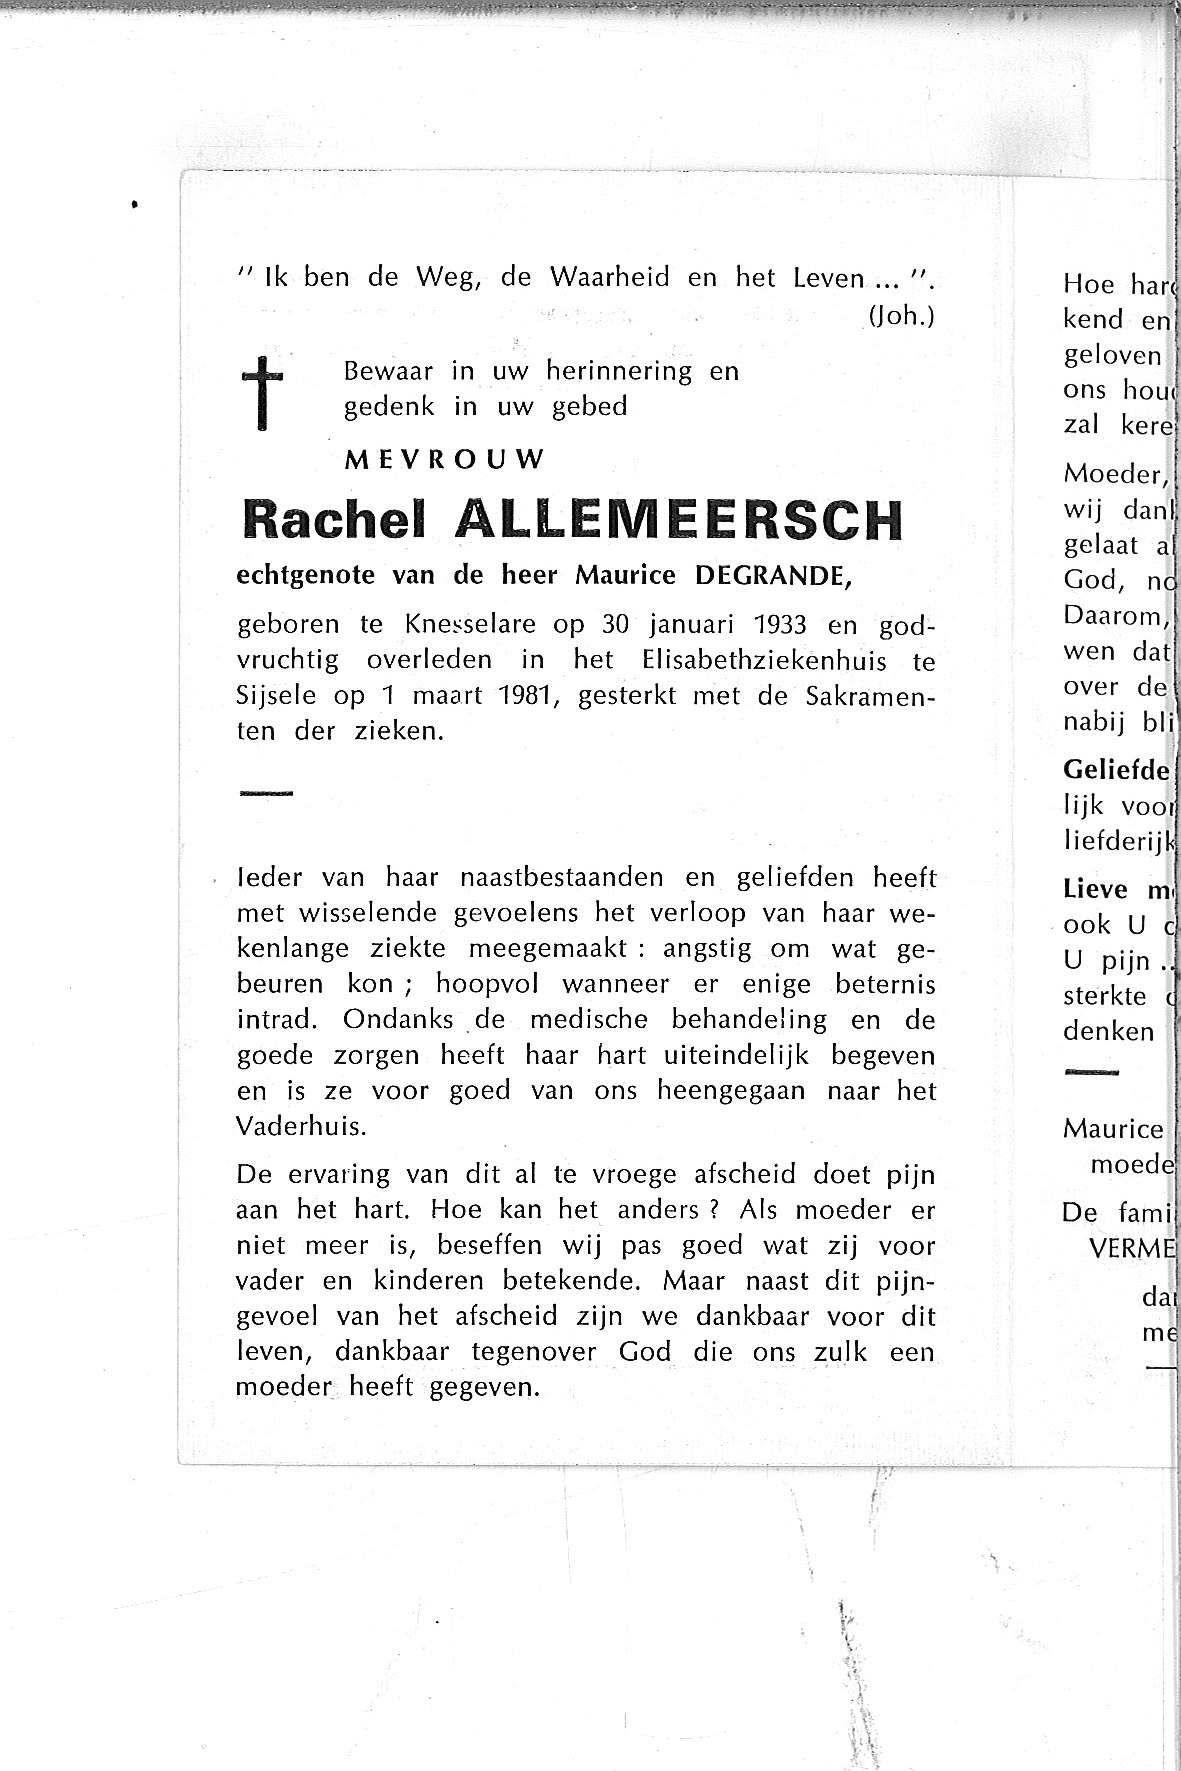 Rachel(1981)20130812104314_00024.jpg